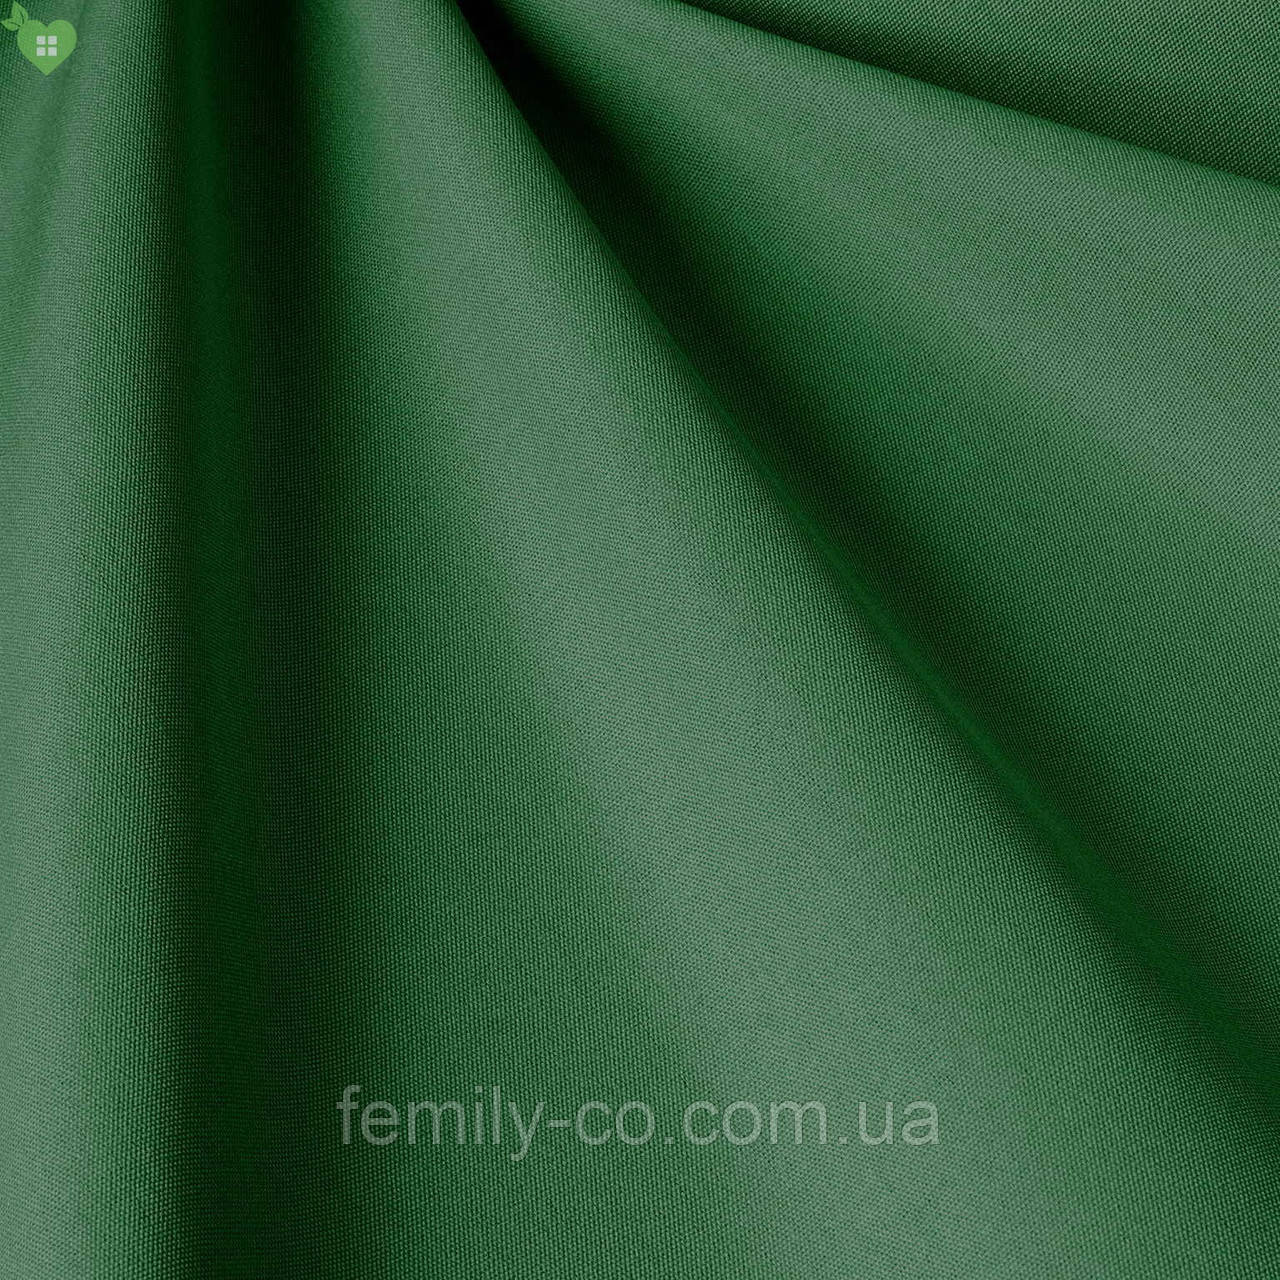 Однотонная уличная ткань цвета тропического леса водоотталкивающая Испания 83401v30